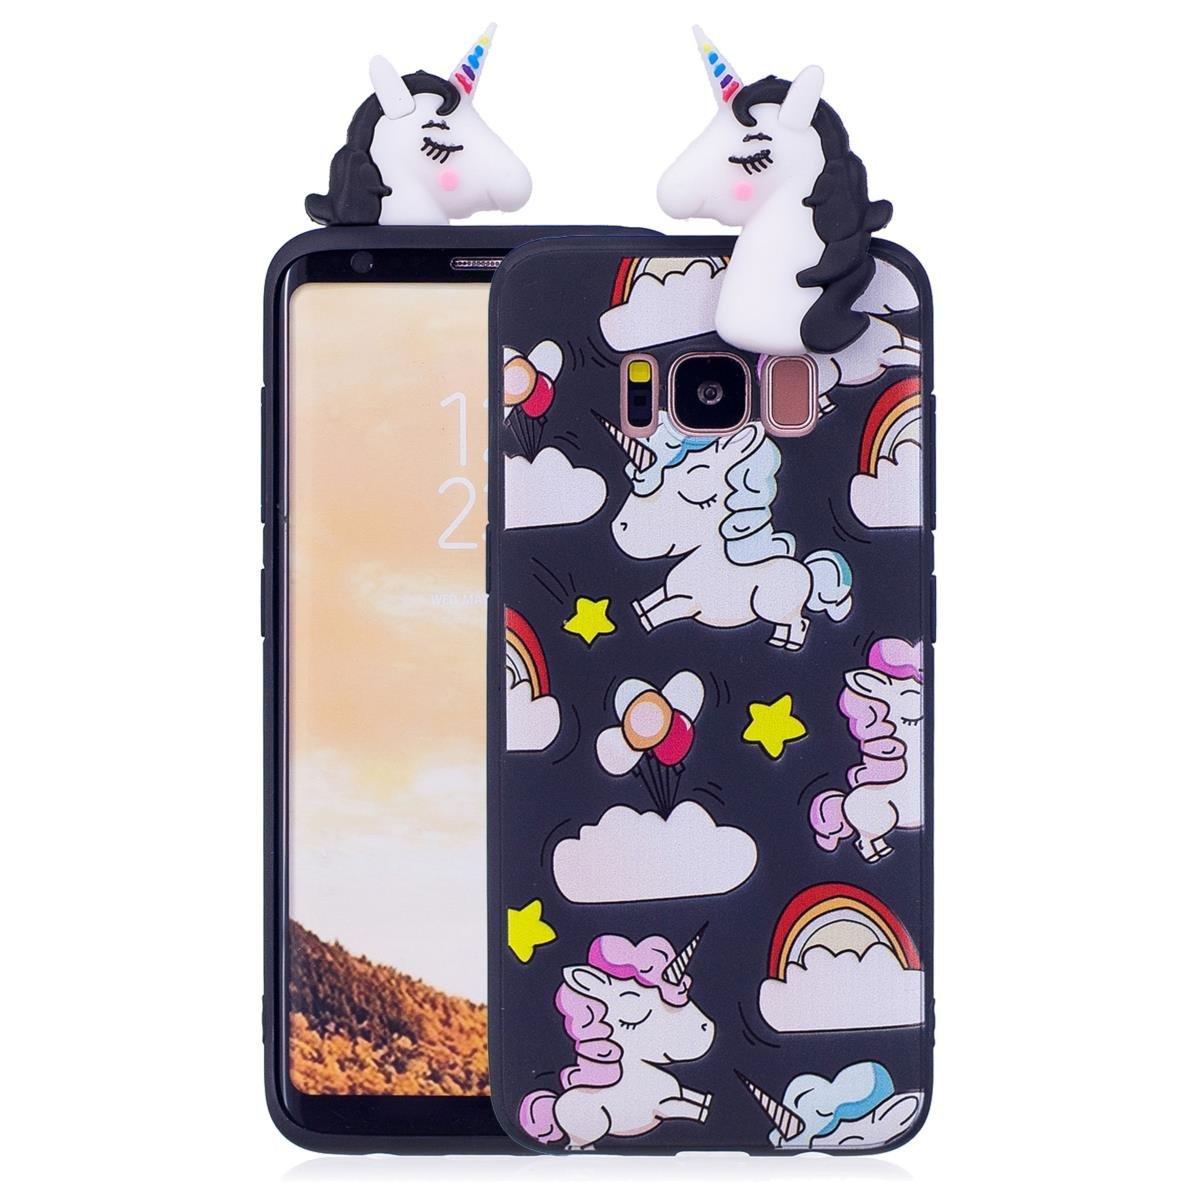 Samsung J530 Schutzh/ülle Hellrosa Muster Design Handy H/ülle f/ür Samsung Galaxy J5 2017 // J530 Samsung Galaxy J5 2017 H/ülle 3D Einhorn Ultra D/ünn TPU Weich Silikon Handycover Schale